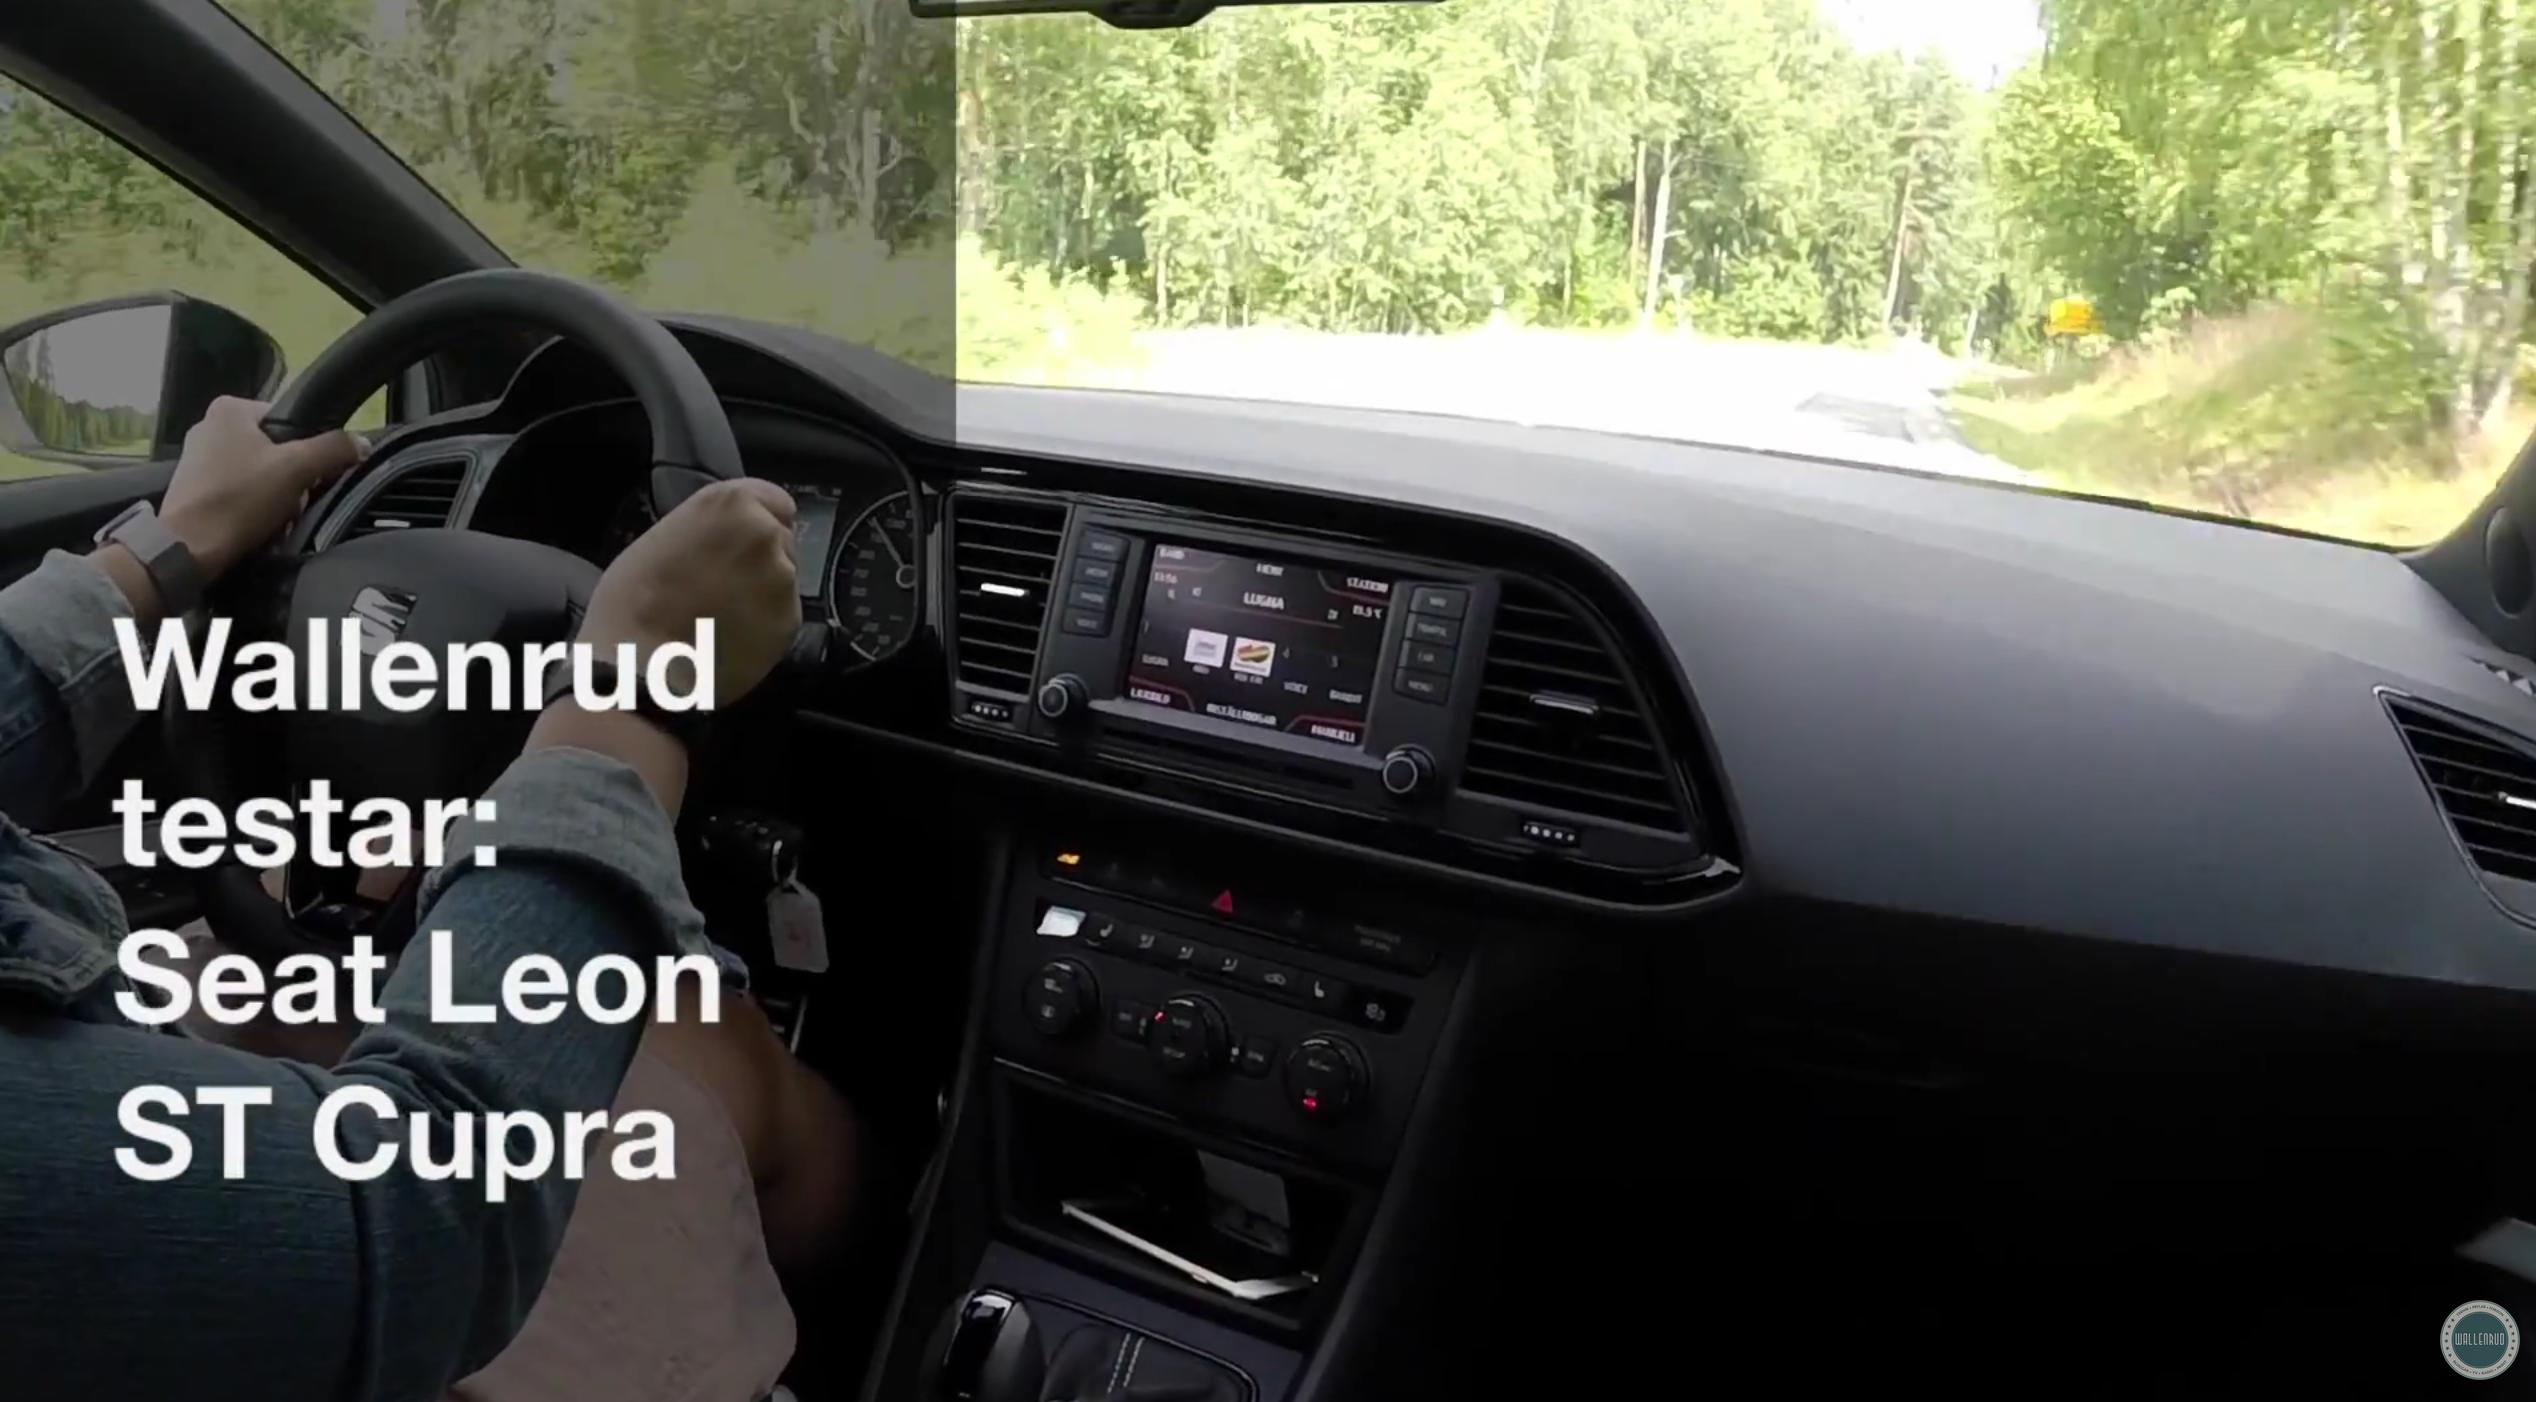 Wallenrud testar: Seat Leon ST Cupra (video)